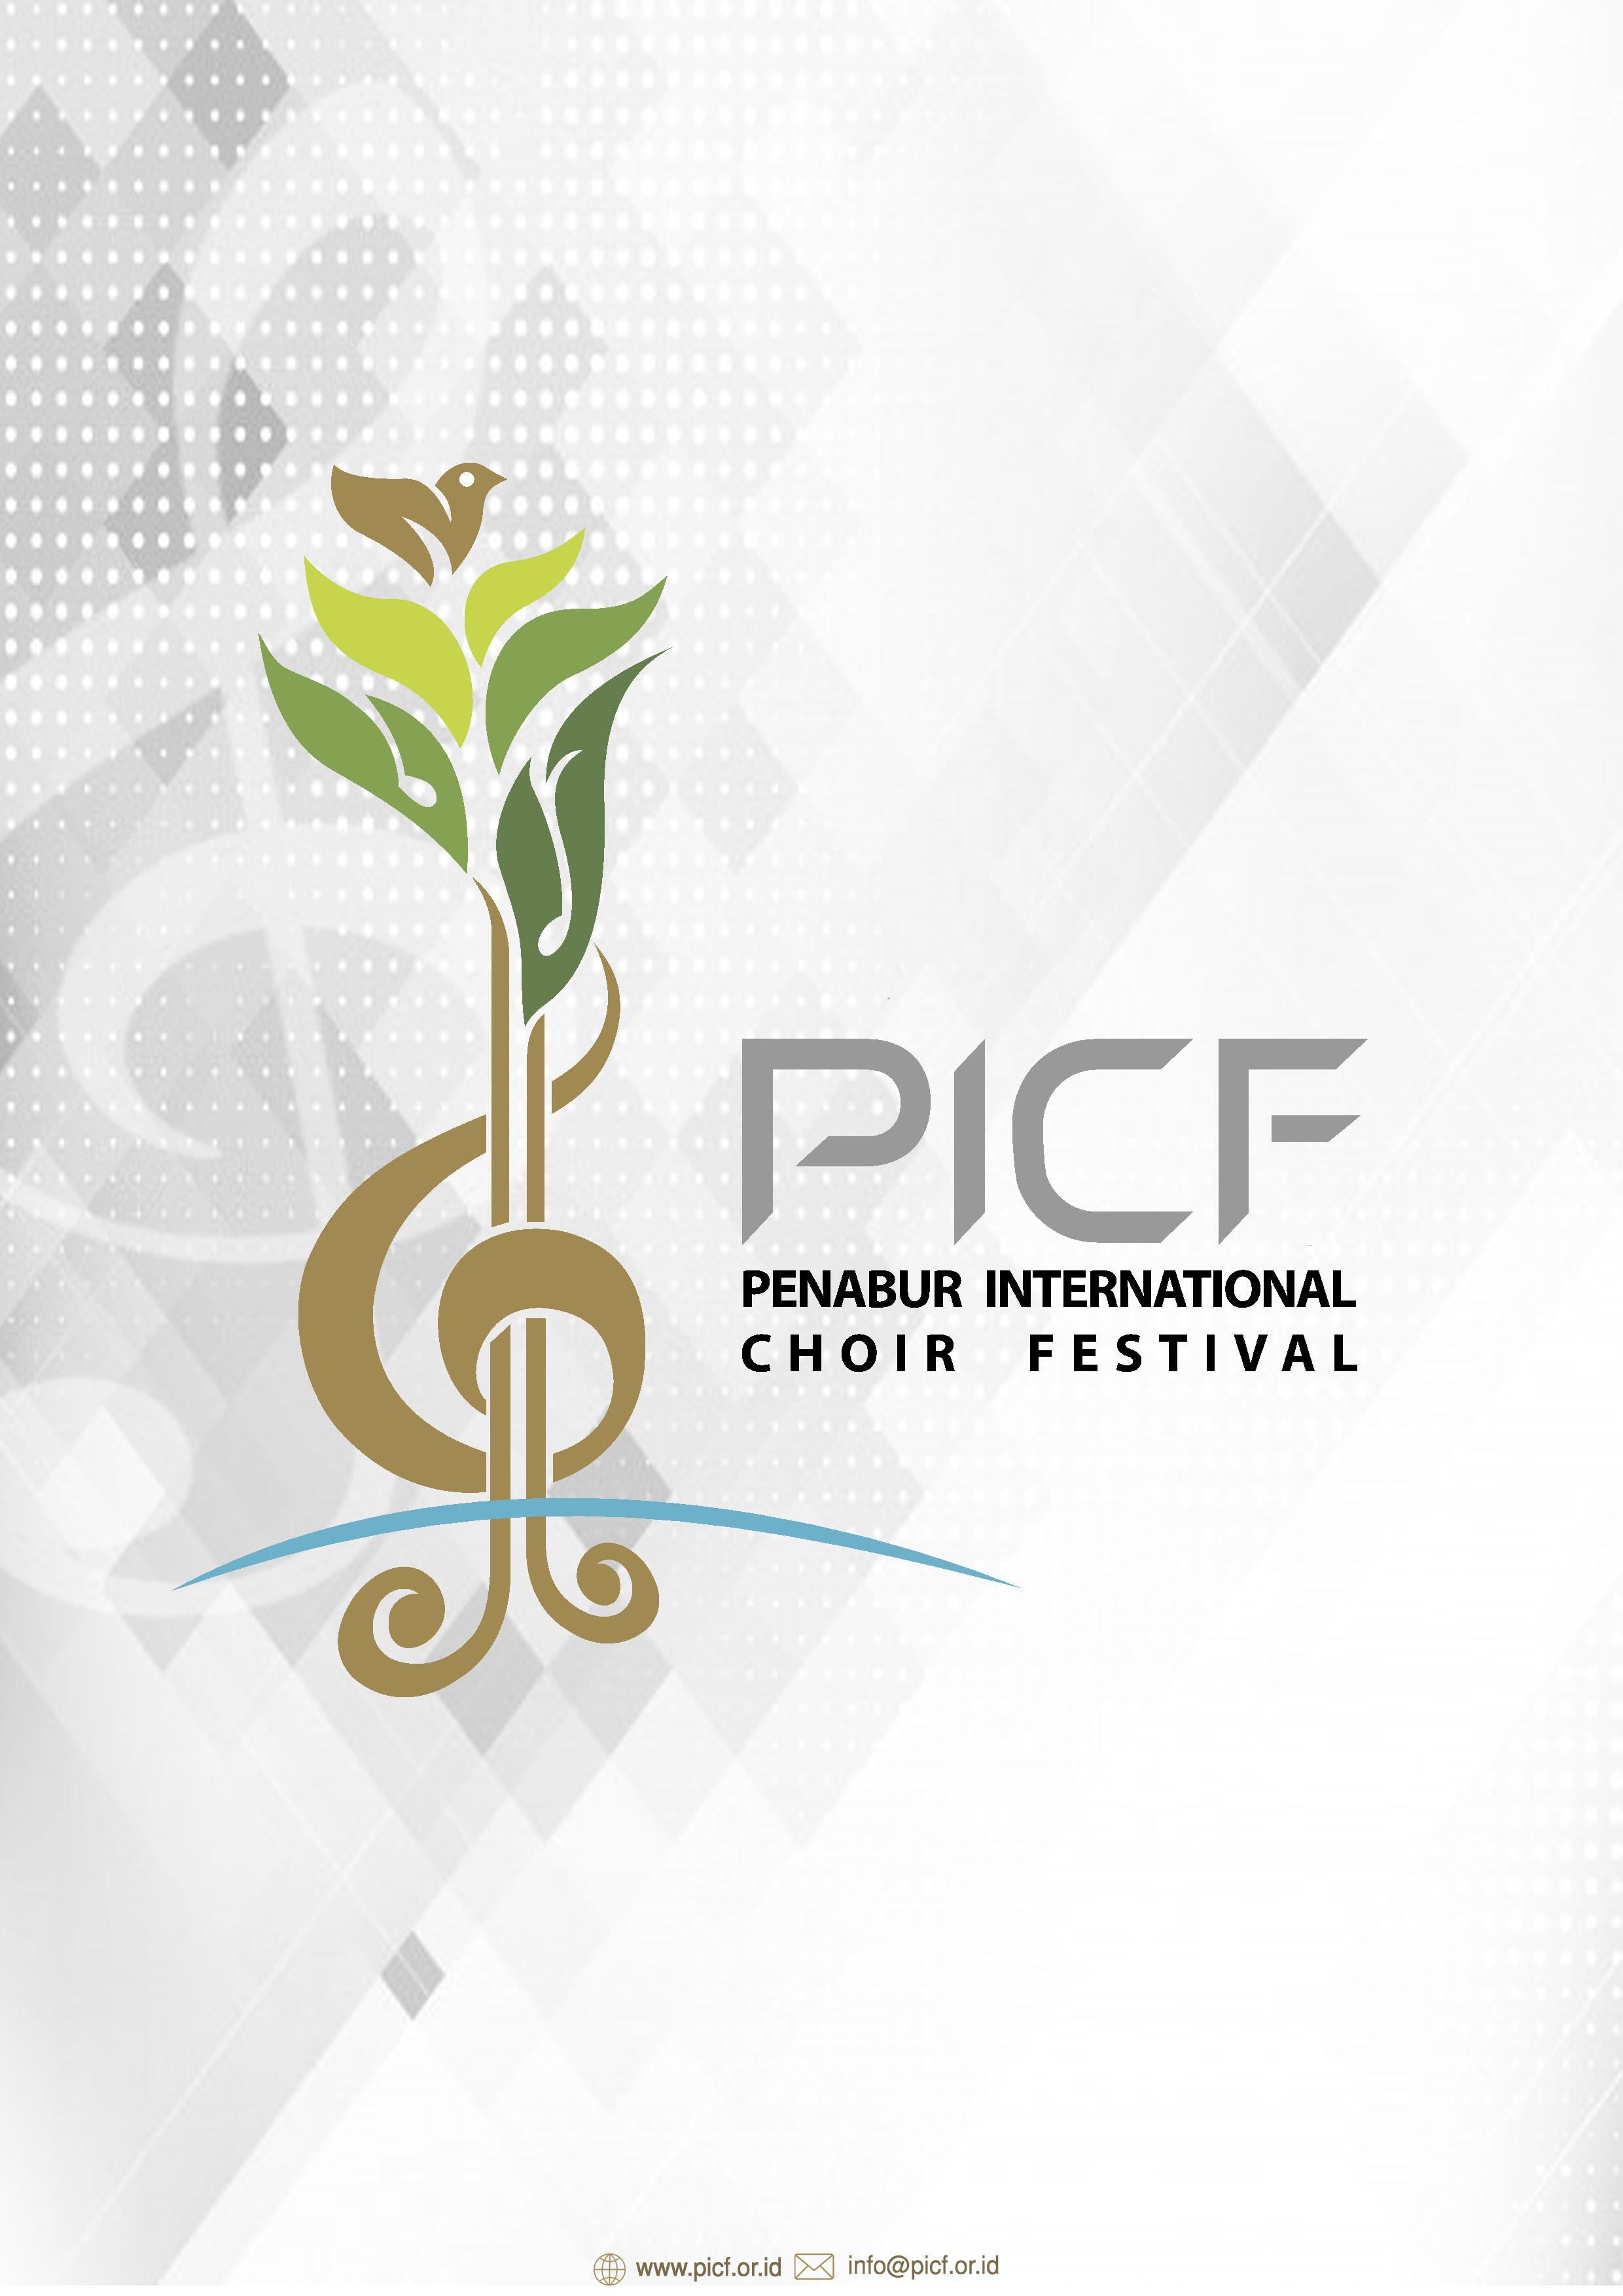 PENABUR INTERNATIONAL CHOIR FESTIVAL | SEPTEMBER 3 - 7, 2019